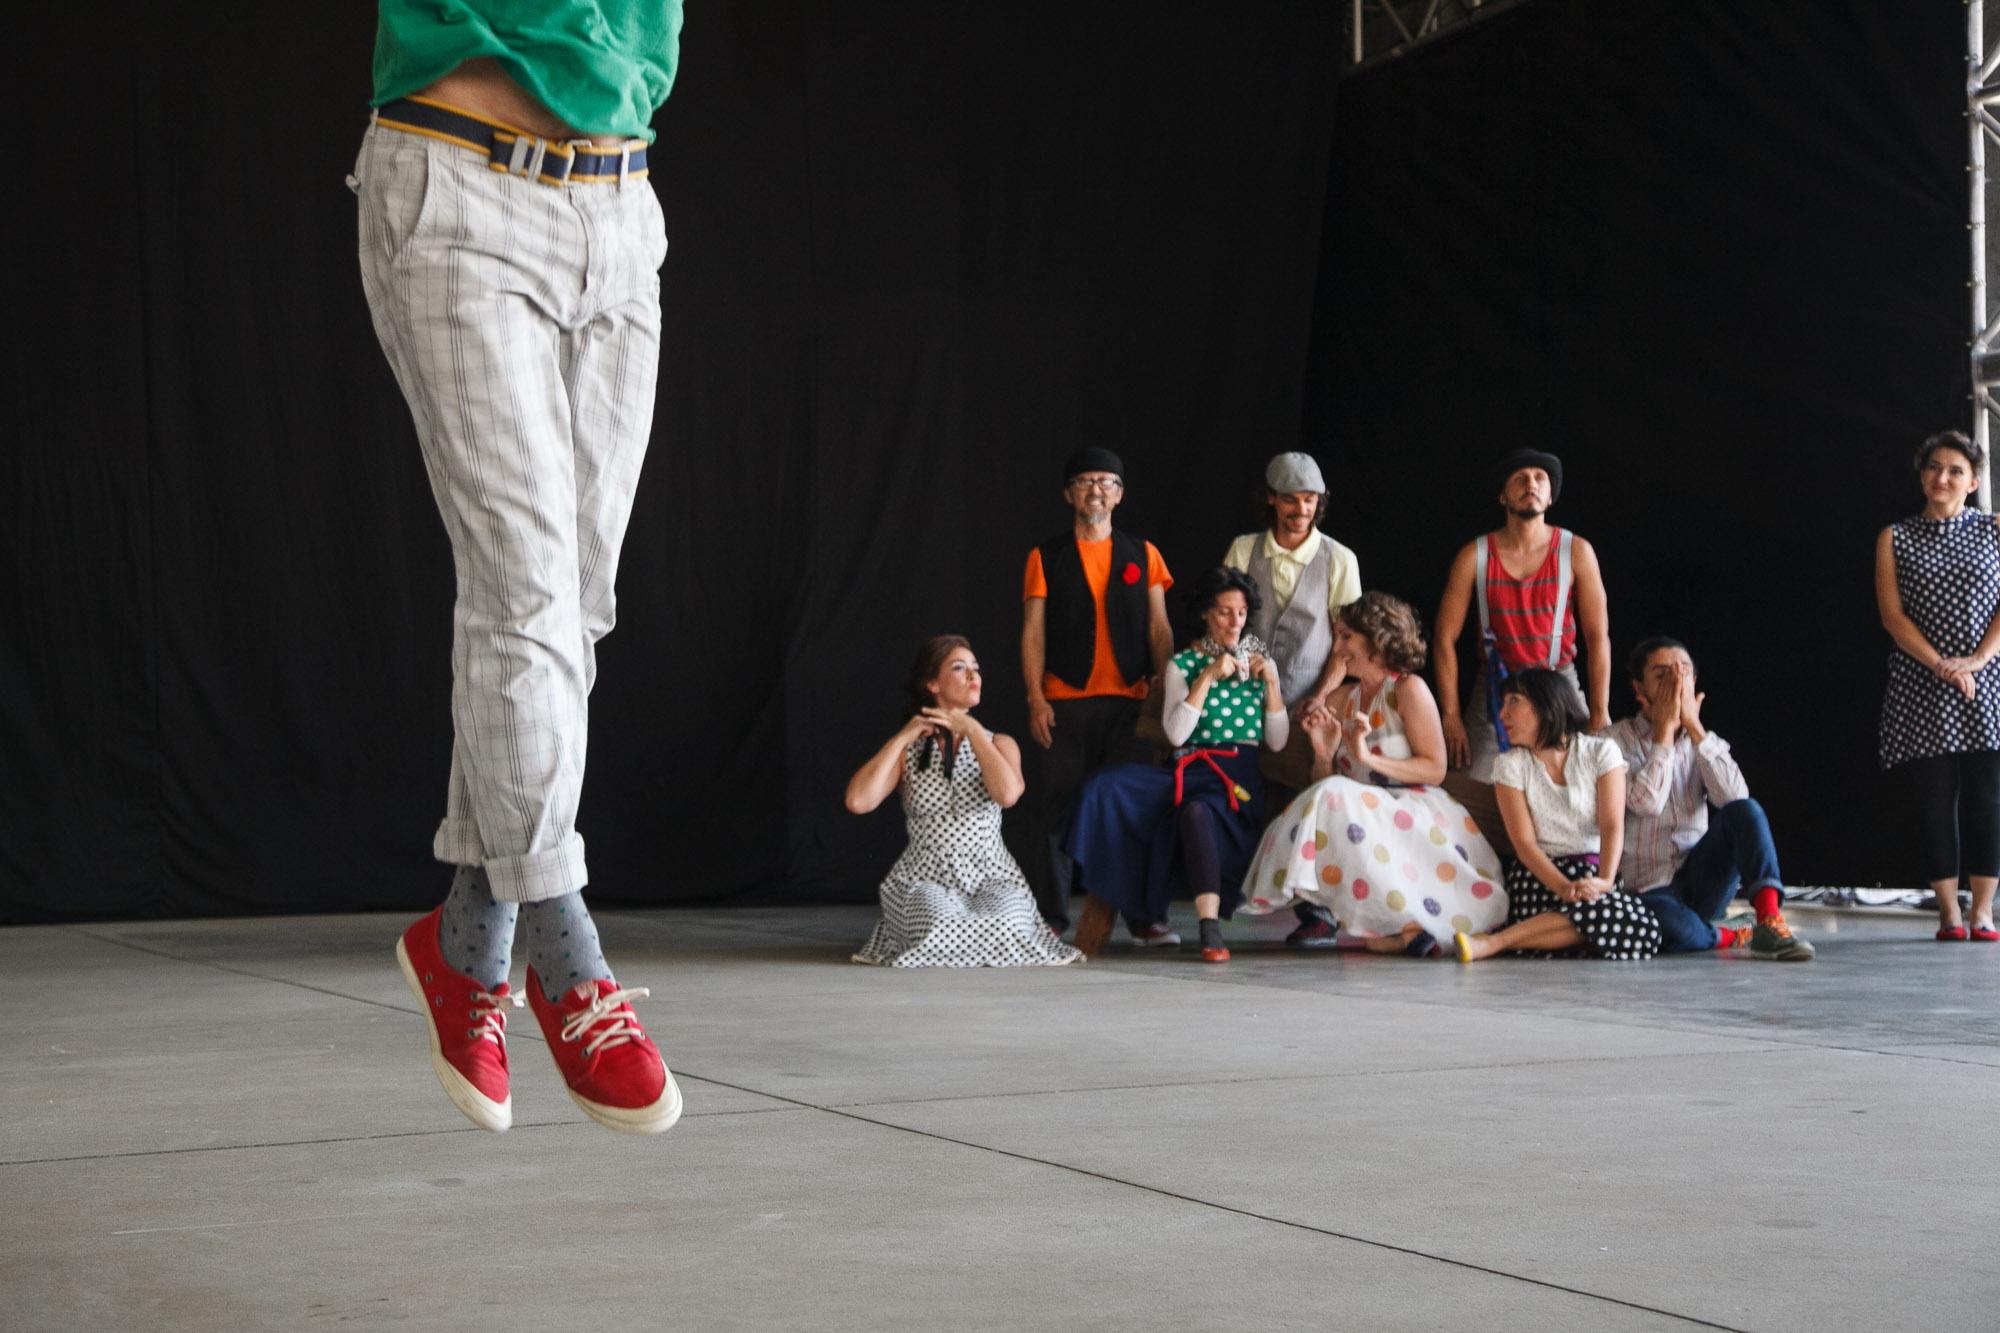 Cia Artesãos do Corpo se apresentam no 12º Visões Urbanas - Festival Internacional de Dança em Paisagens Urbanas, realizado pela Cia Artesãos do Corpo em São Paulo. (Foto: Fábio Pazzini @fabio.pazzini)